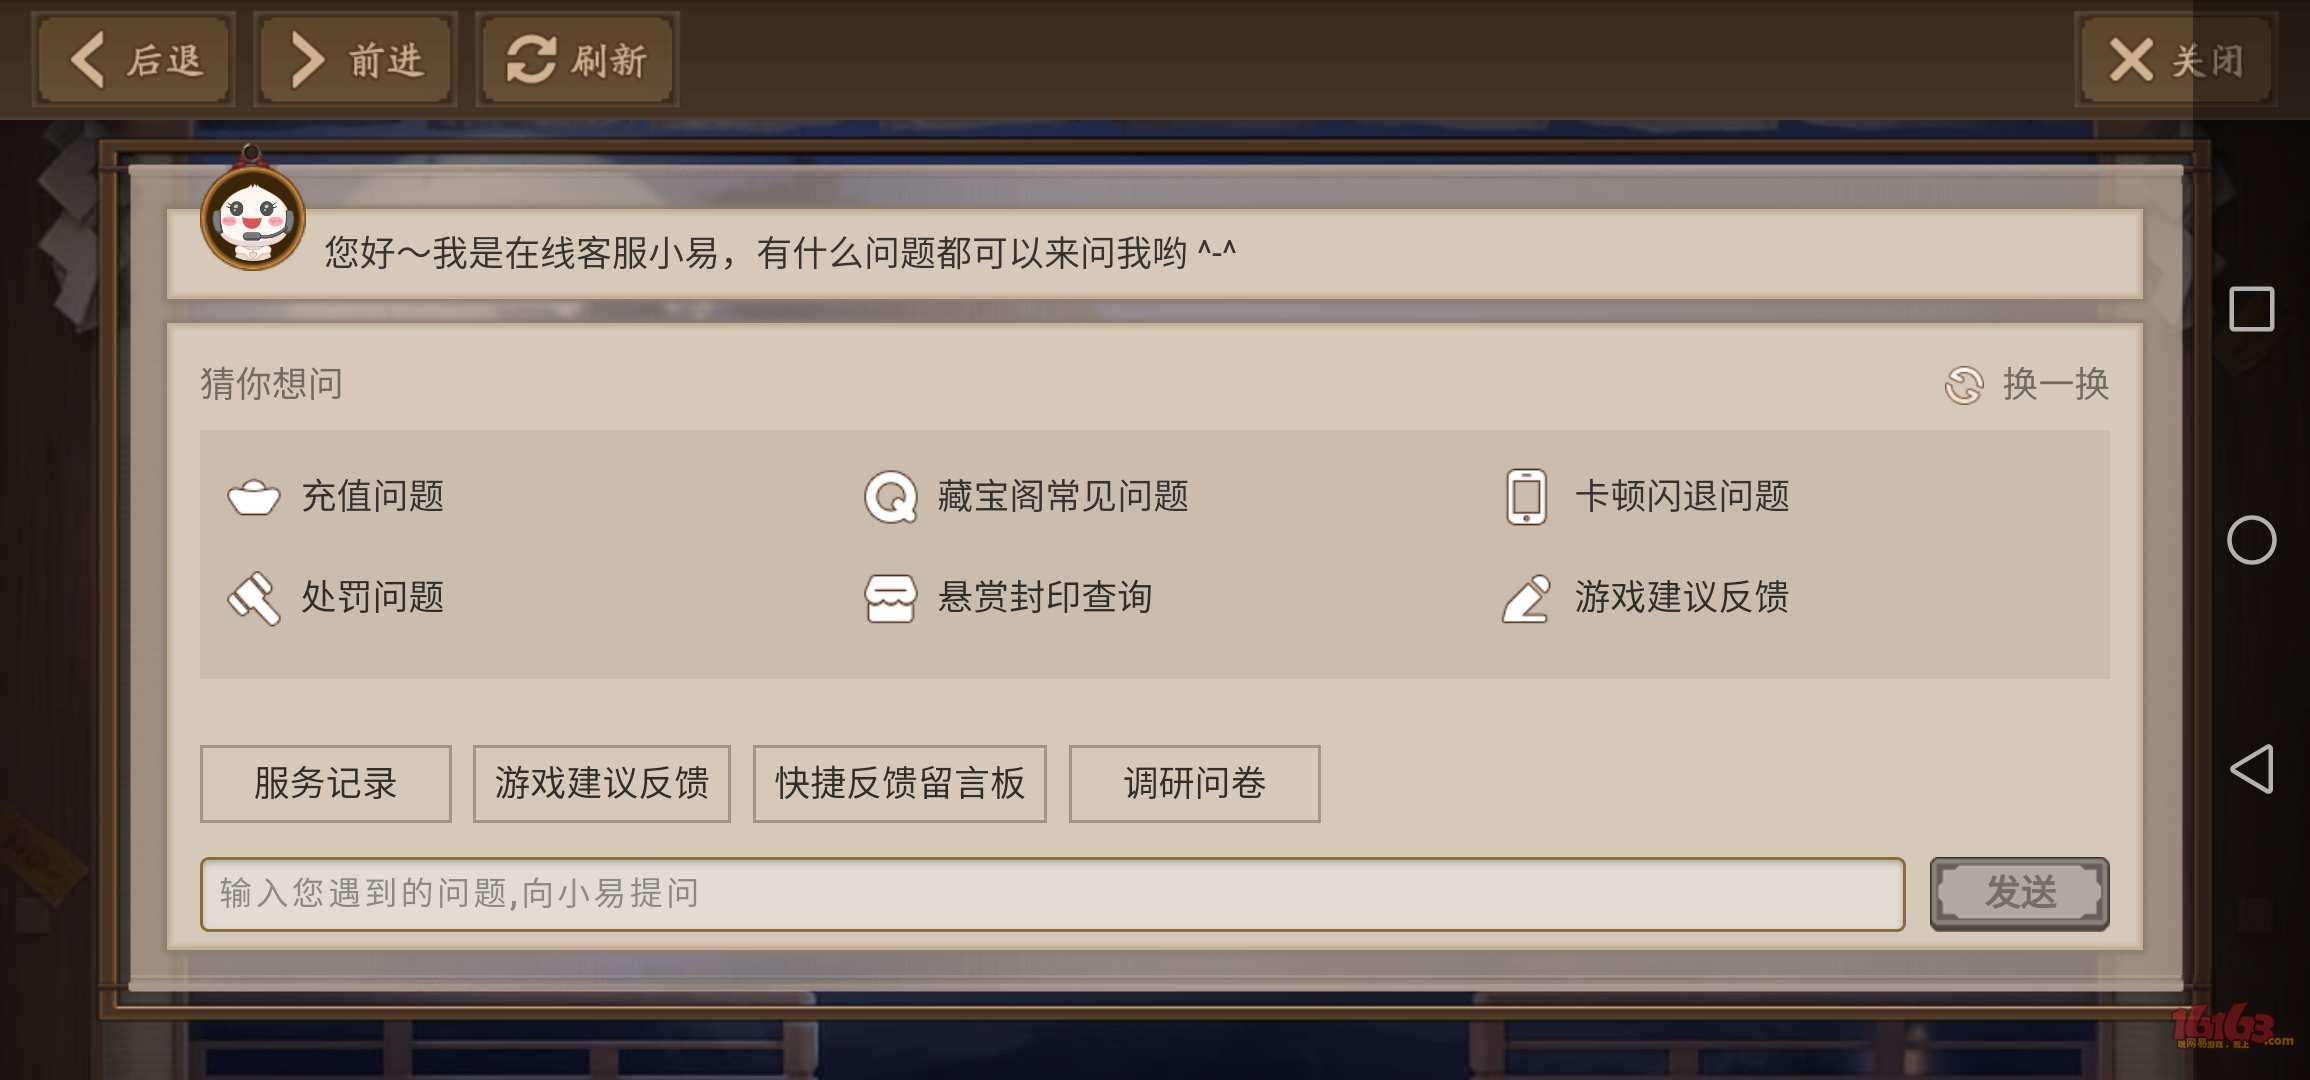 Screenshot_20191105_105010_com.netease.onmyoji.jpg